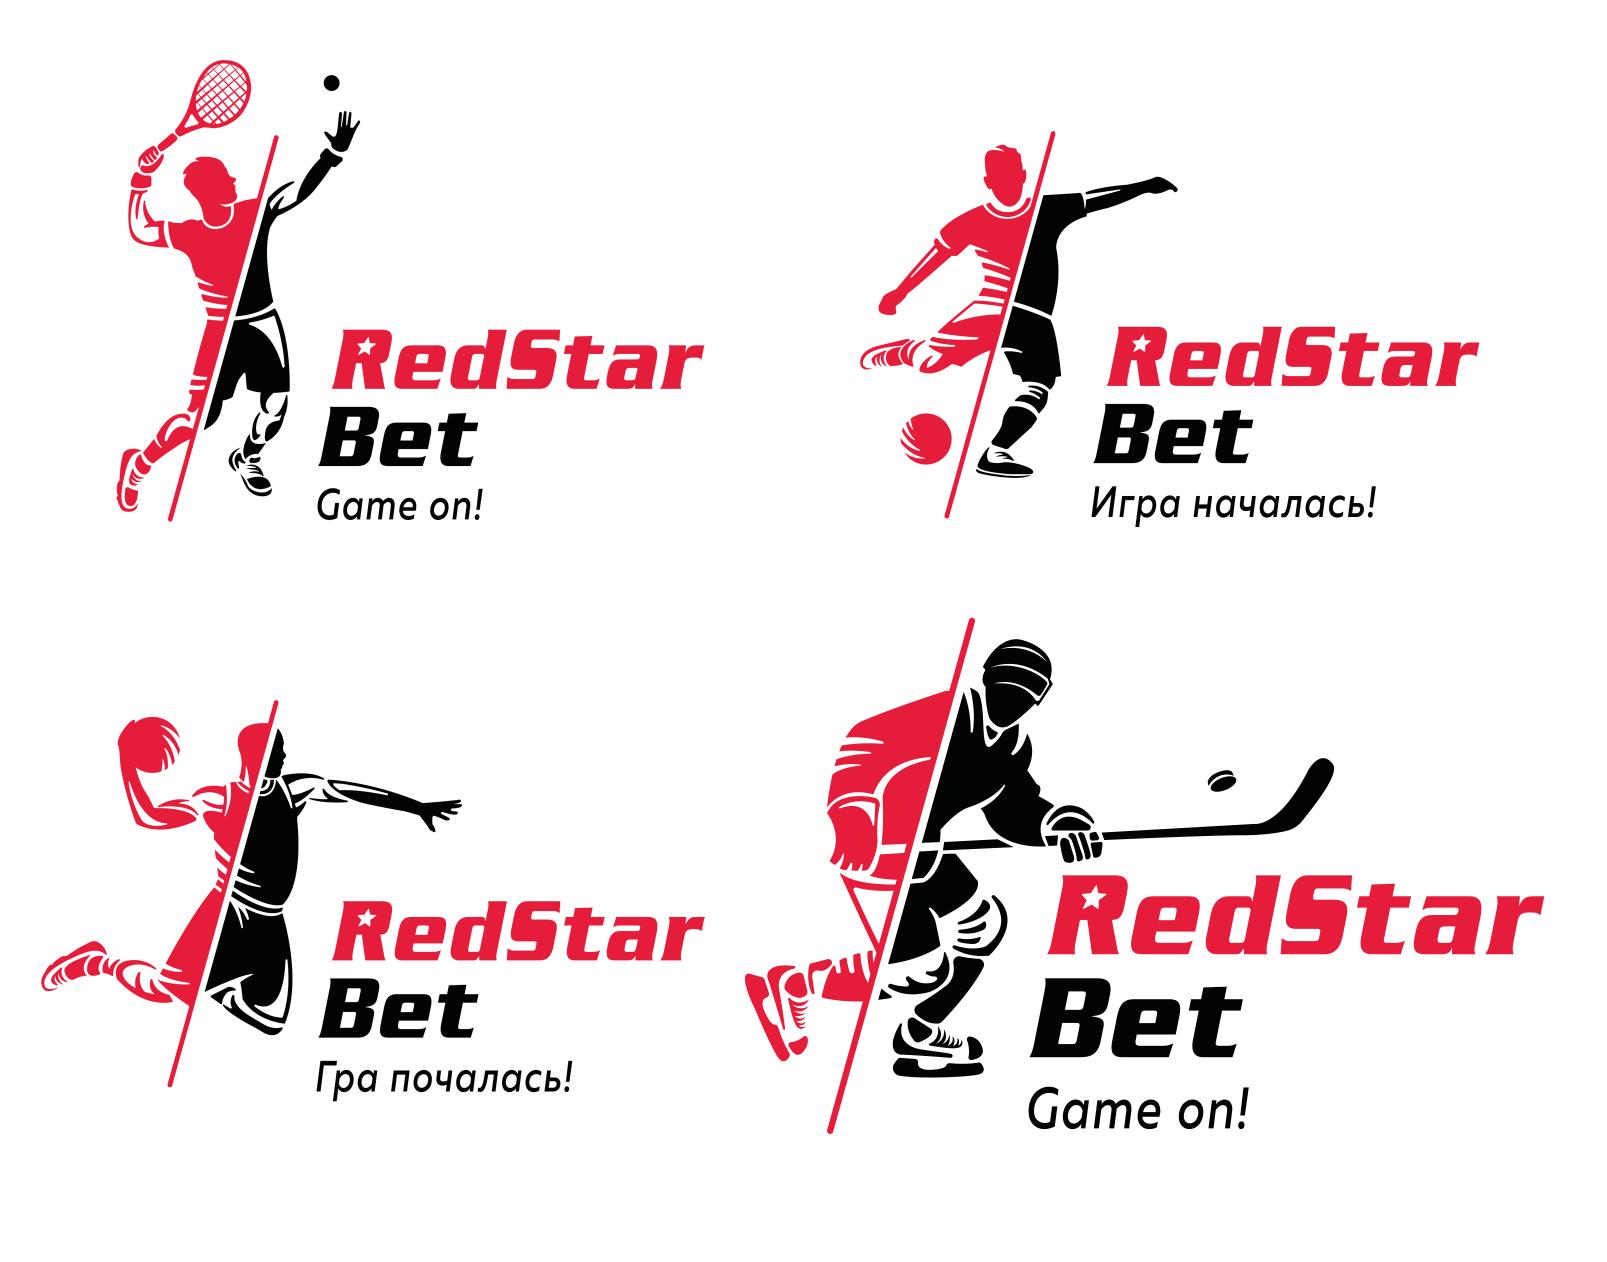 Логотипы и реклама RedStarBet Сайт Артура Нецветаева — сайты, приложения, прототипы и оформление интерфейсов logos big